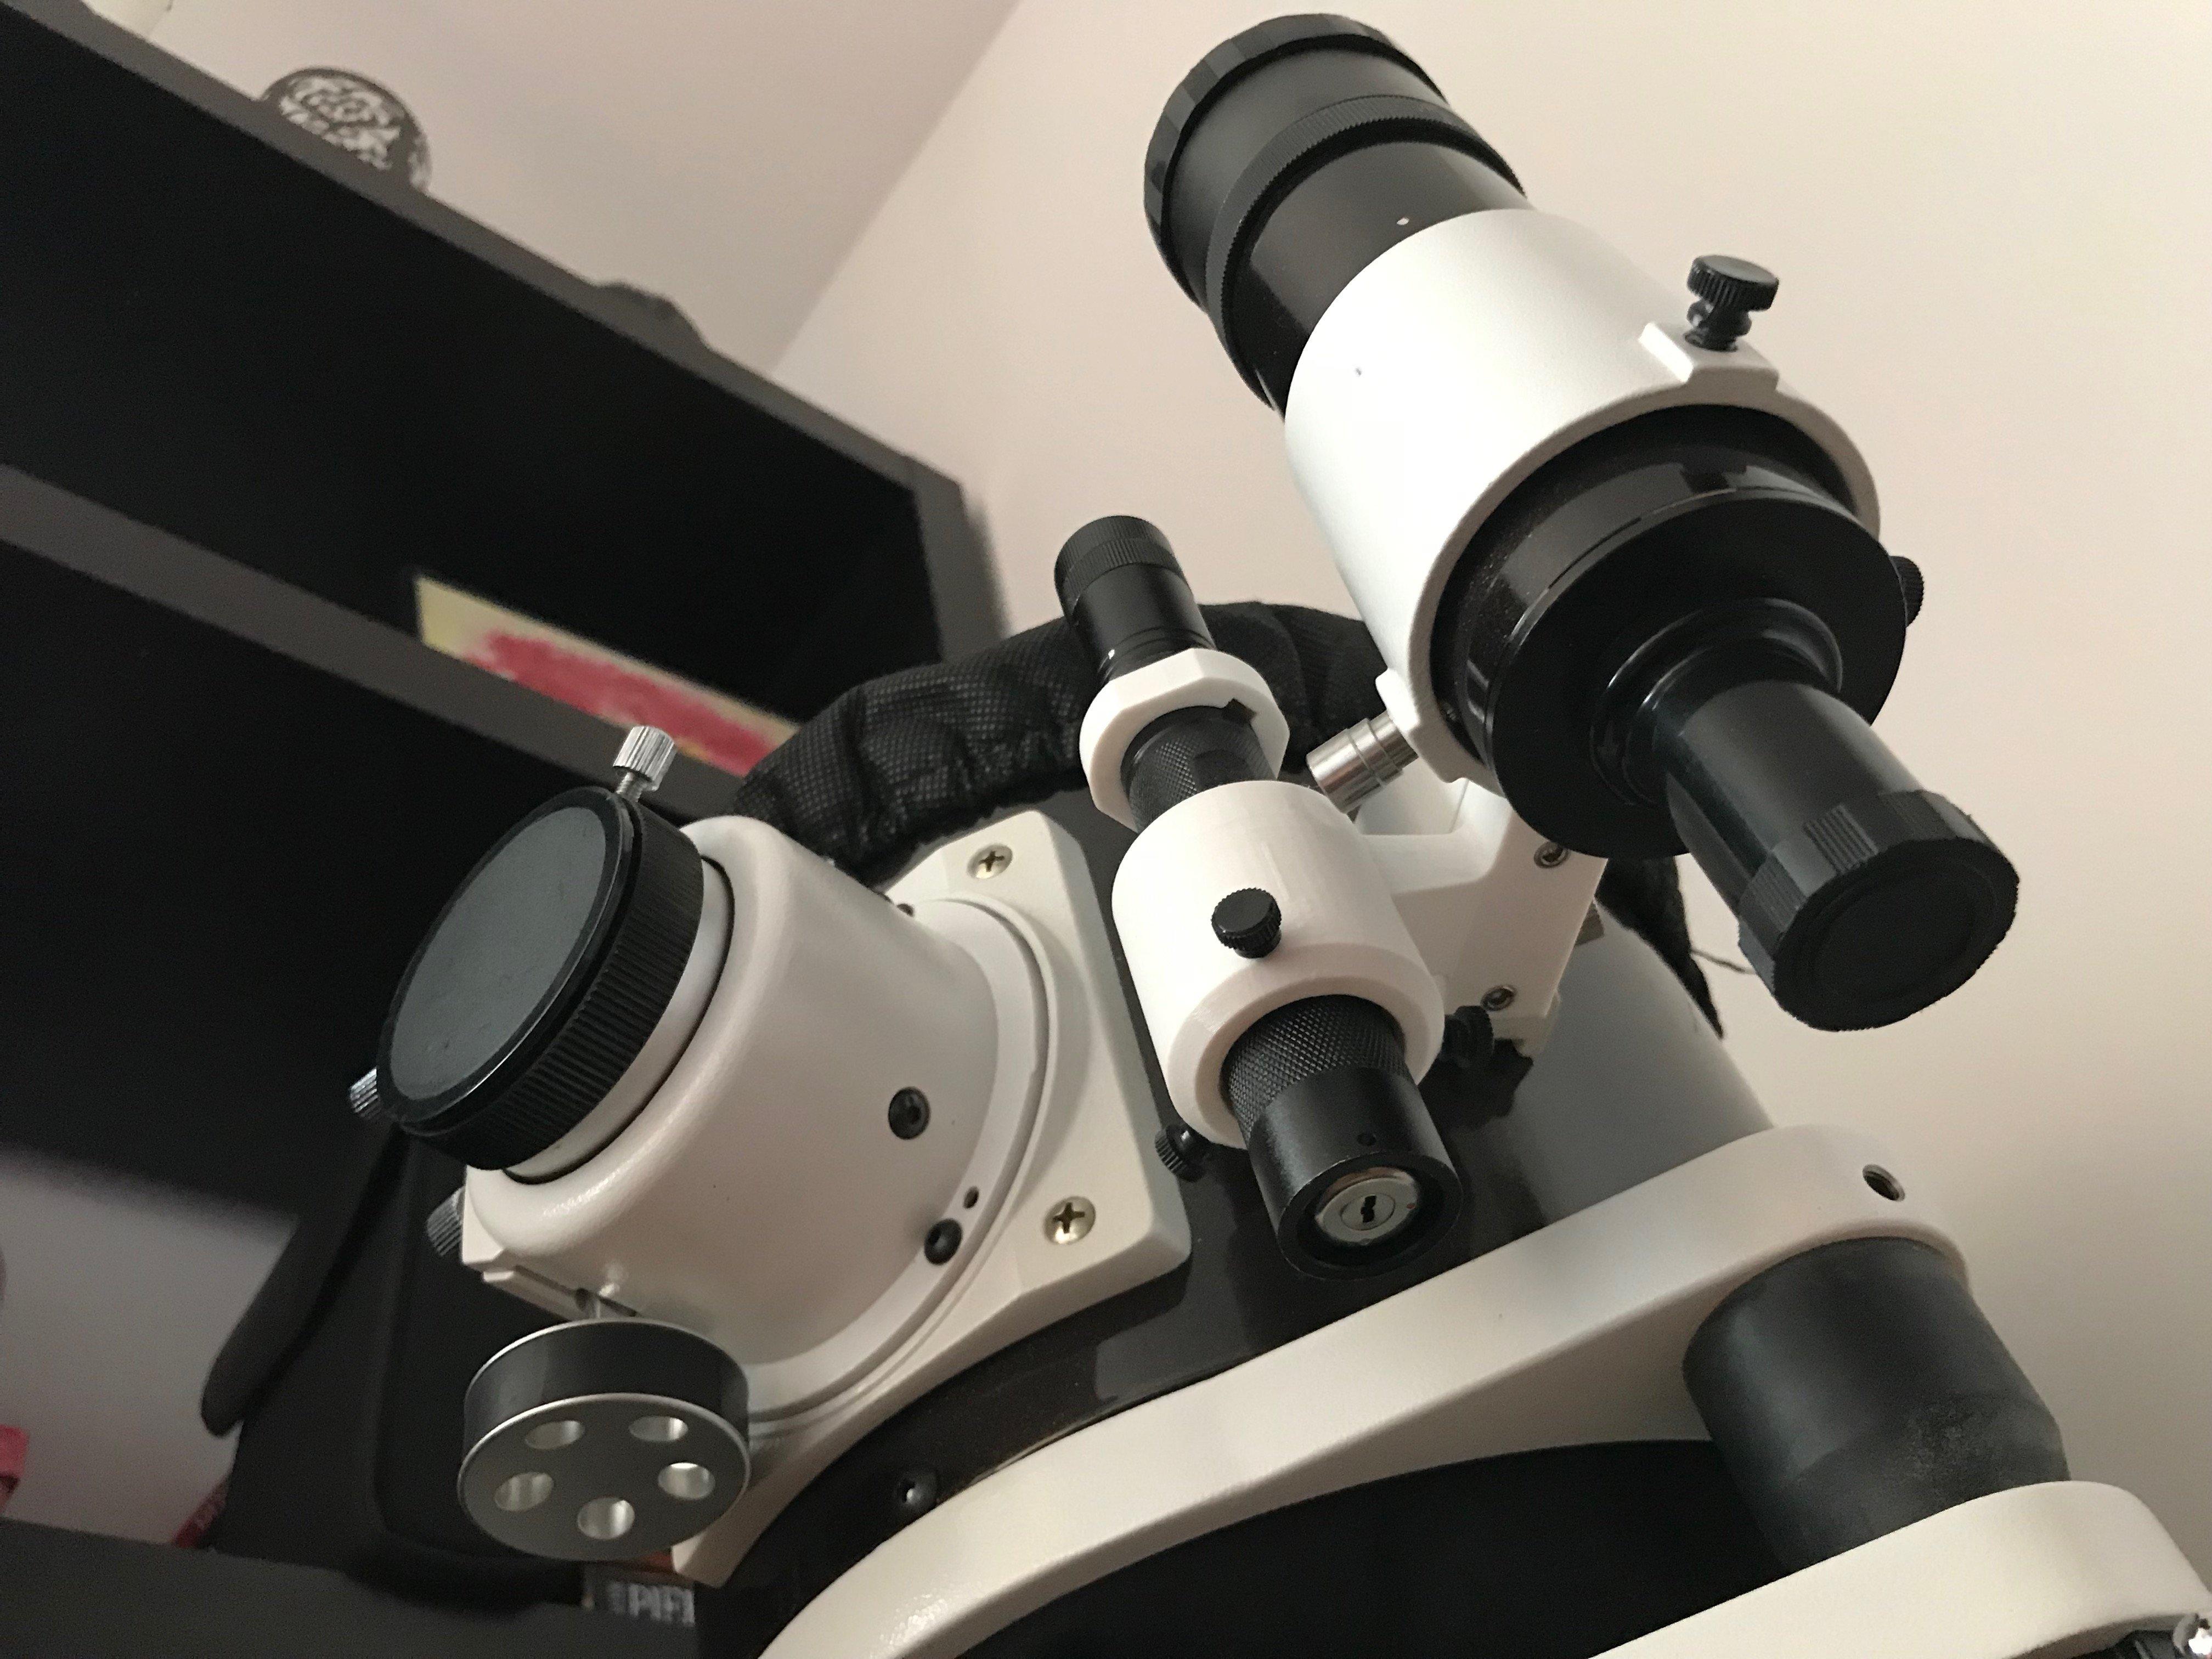 Laser mount for Sky-Watcher finder scope.